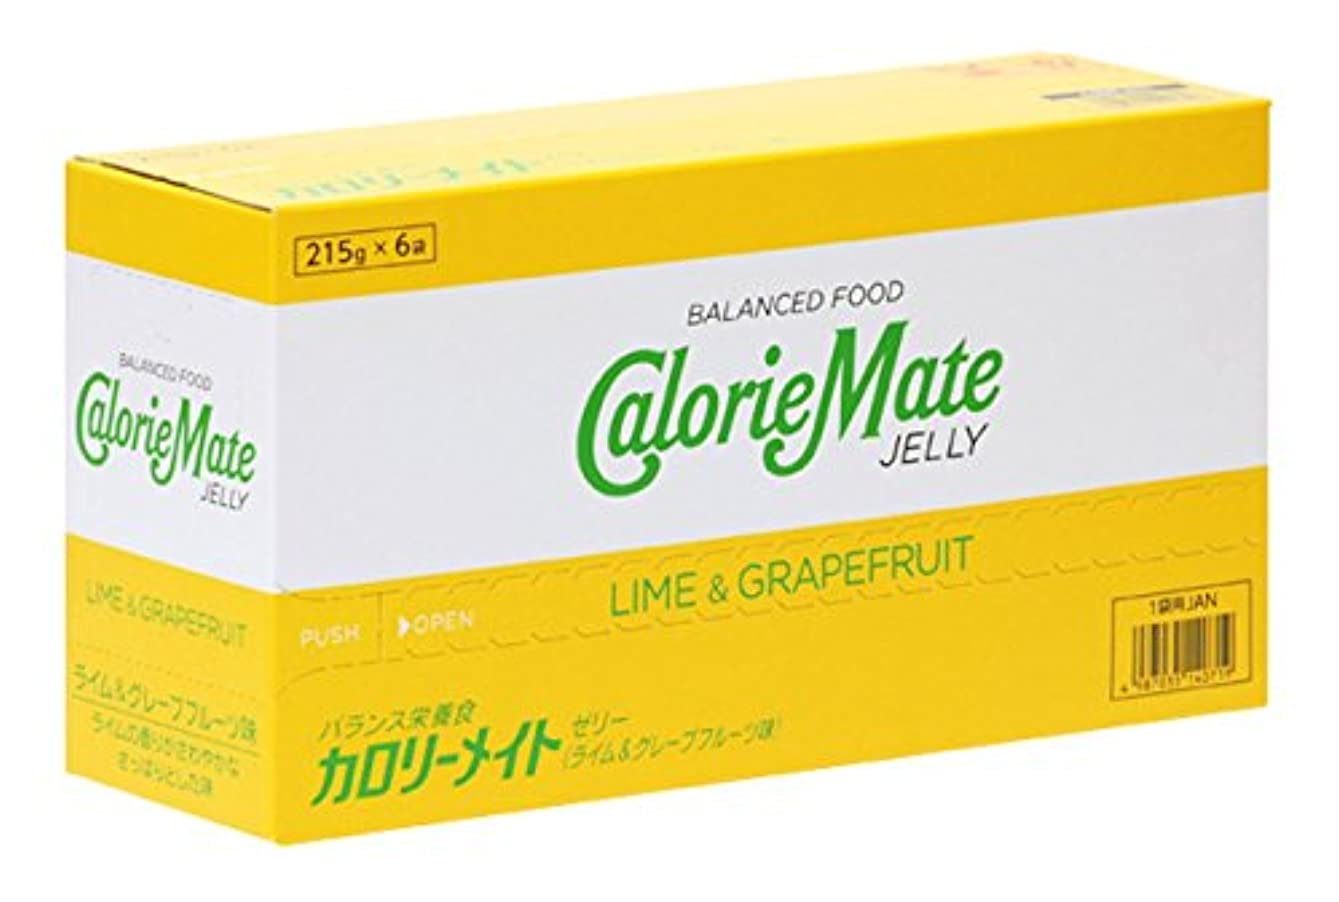 プロトタイプ新年抑制する大塚製薬 カロリーメイト ゼリー ライム&グレープフルーツ味 215g×6袋